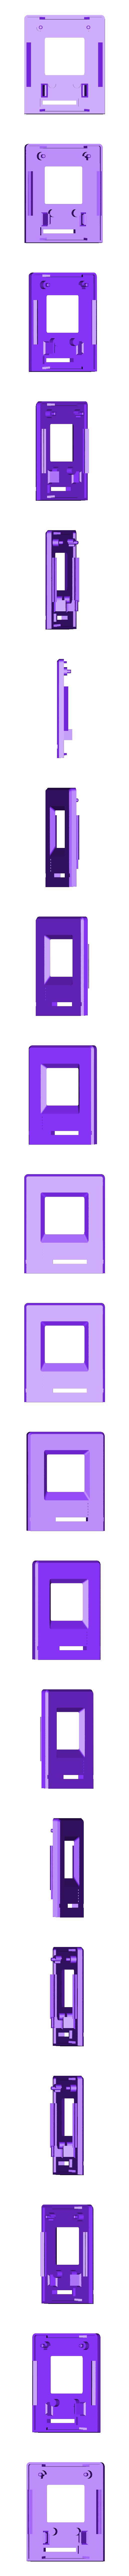 hallowmac-face.stl Télécharger fichier STL gratuit HalloWing Mac M0 • Modèle à imprimer en 3D, Adafruit